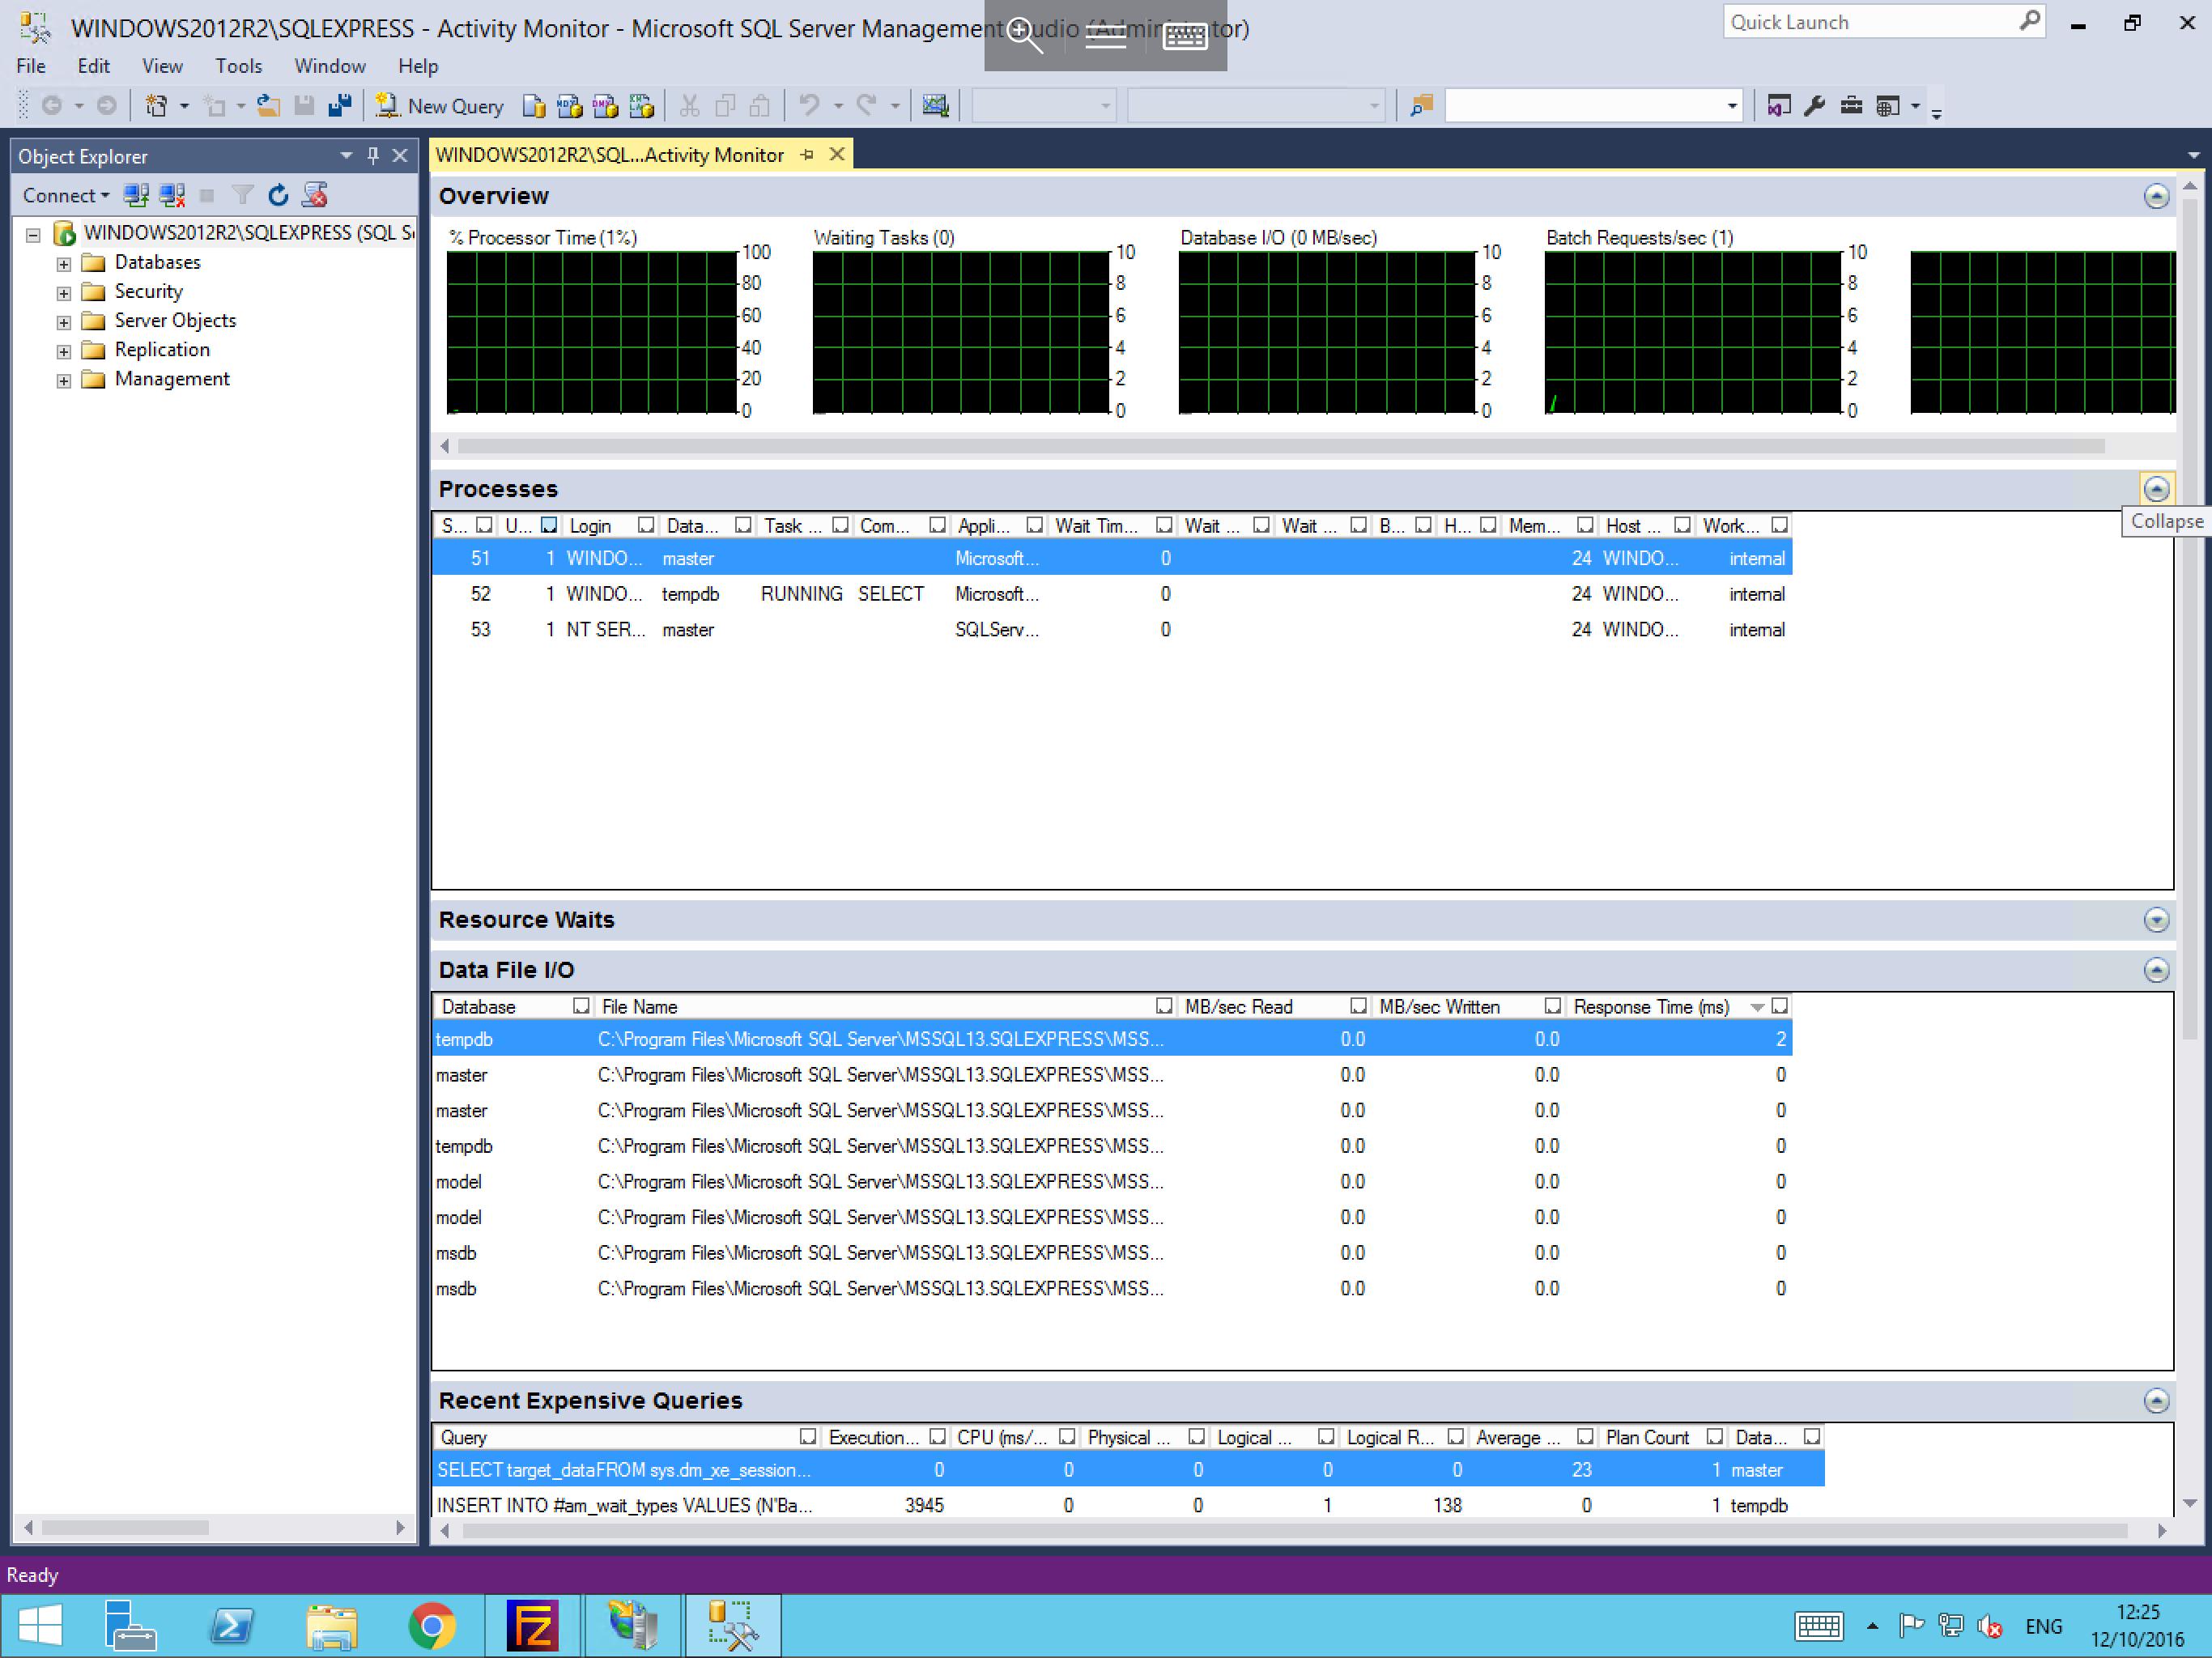 viewing microsoft sql activity monitor